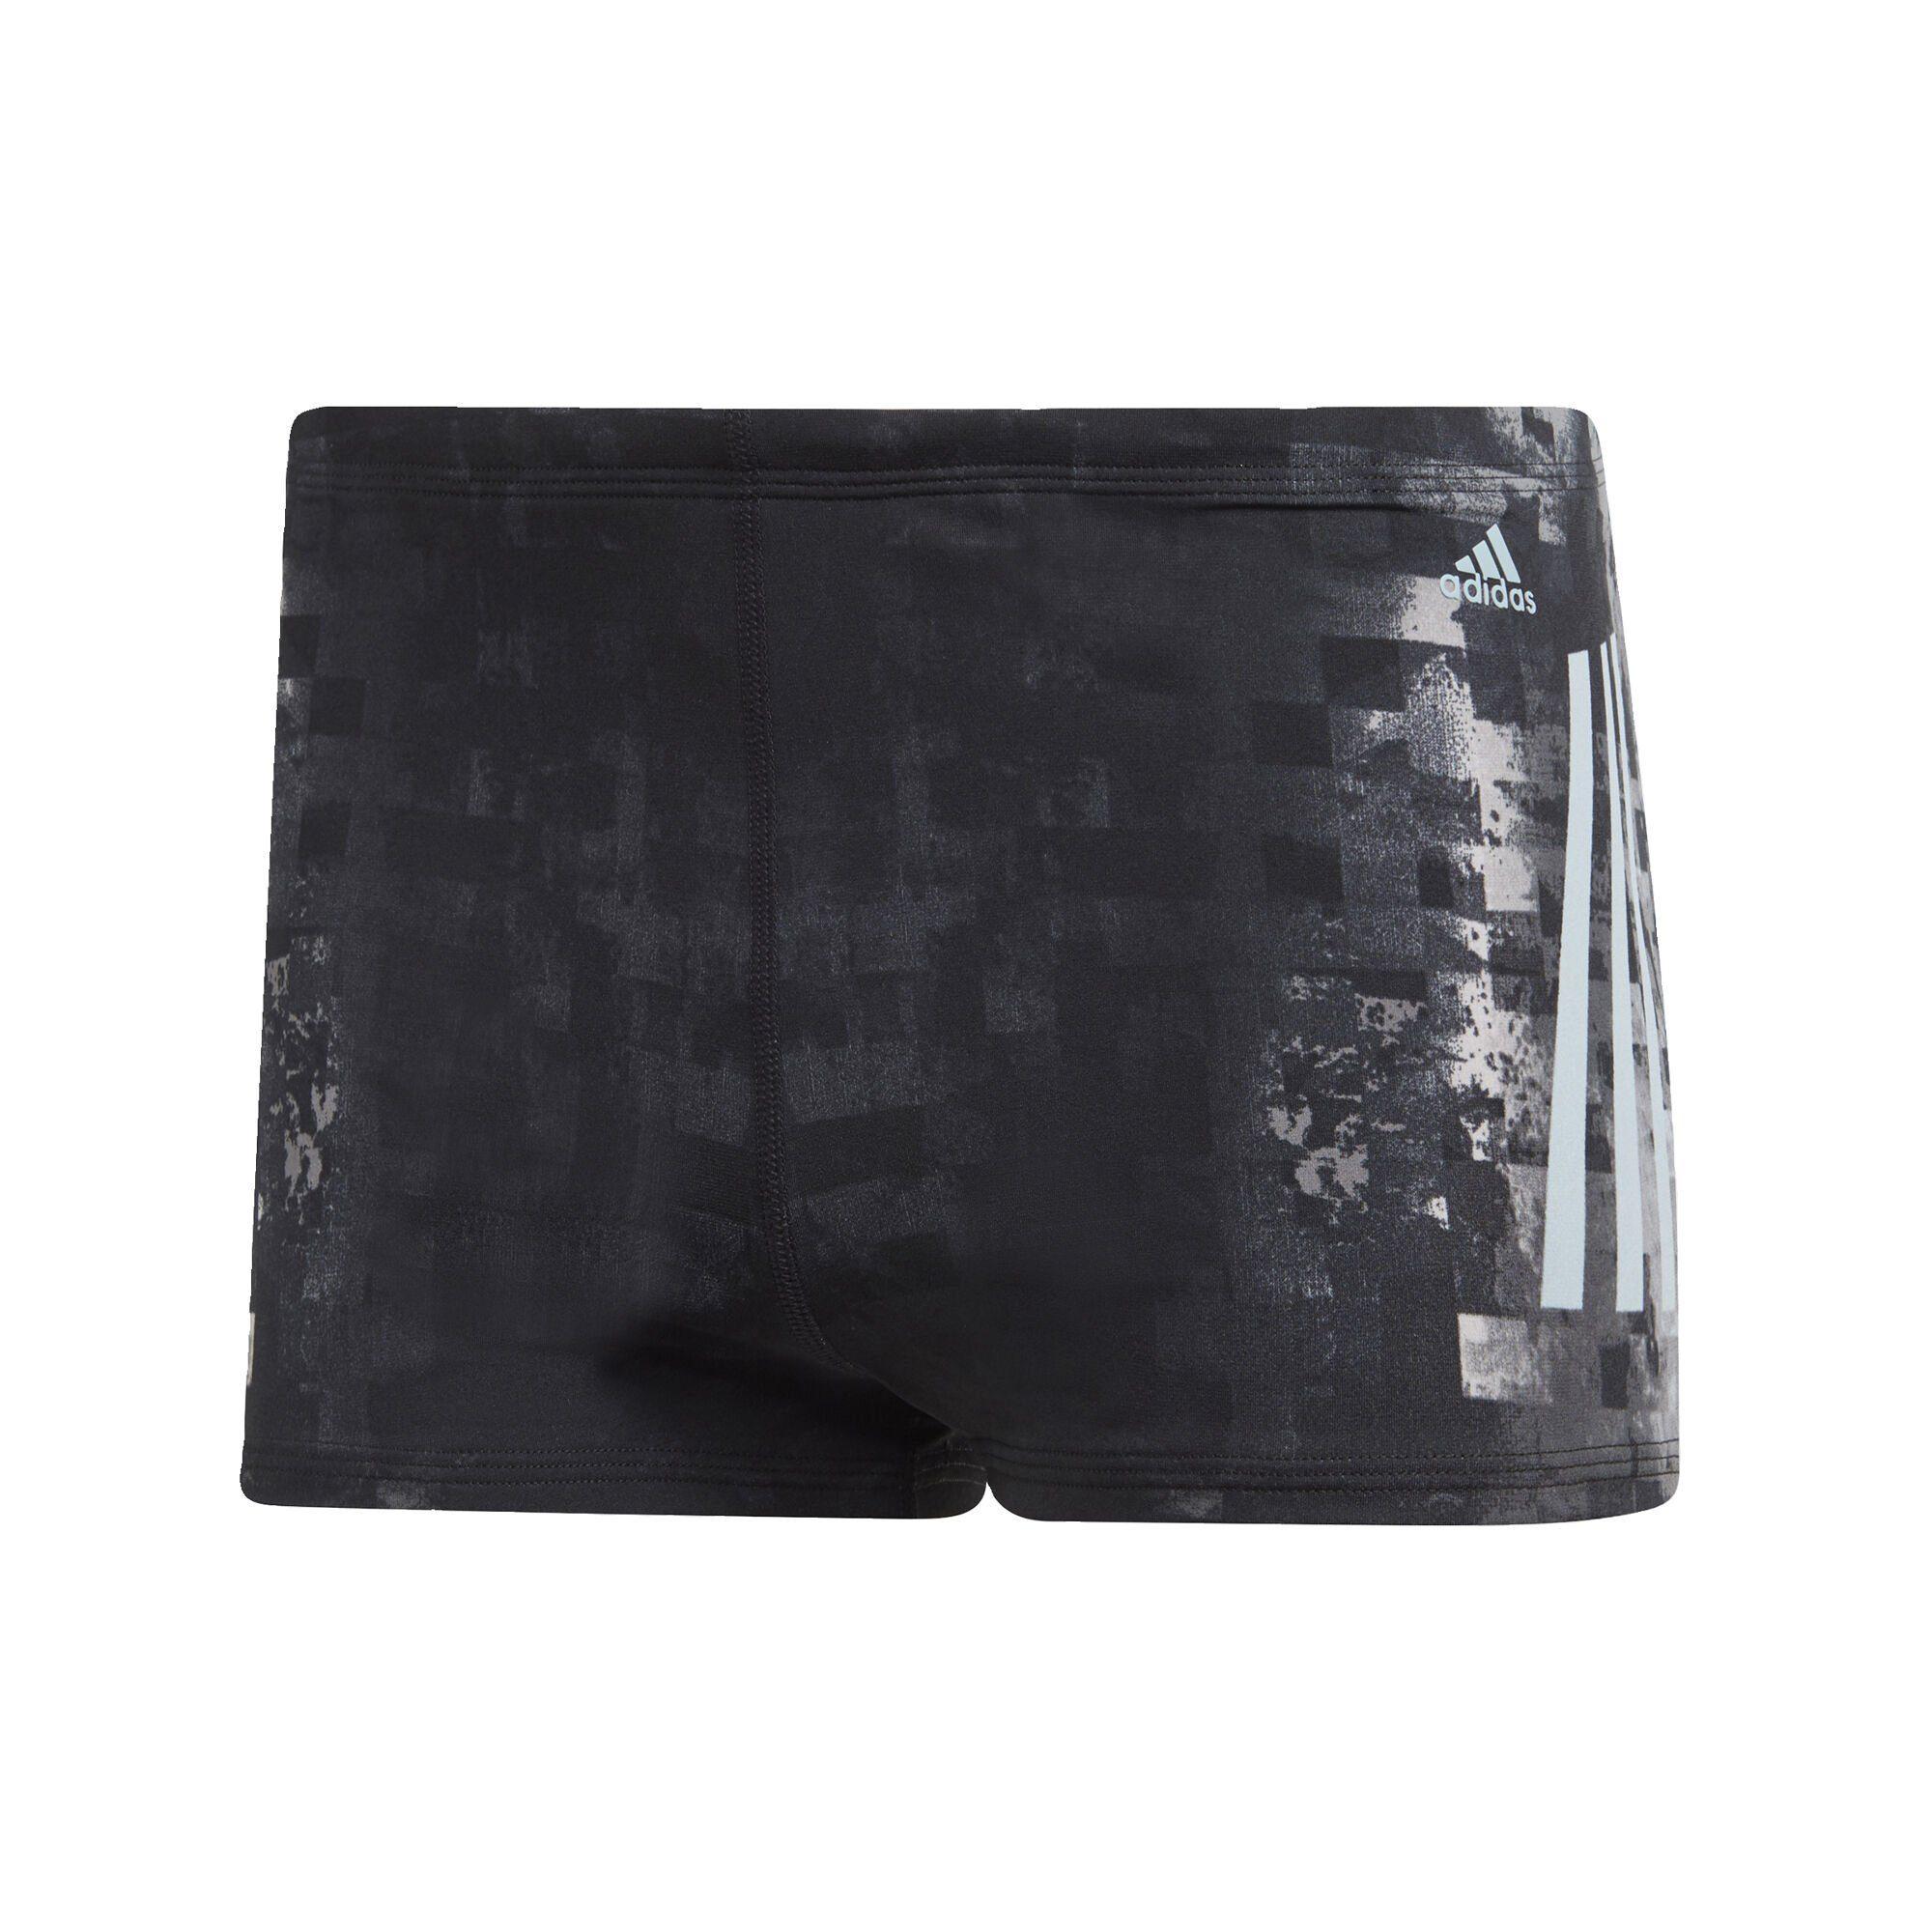 adidas Performance Badehose »Pro 3 Streifen Graphic Boxer Badehose«, 3 Stripes online kaufen | OTTO